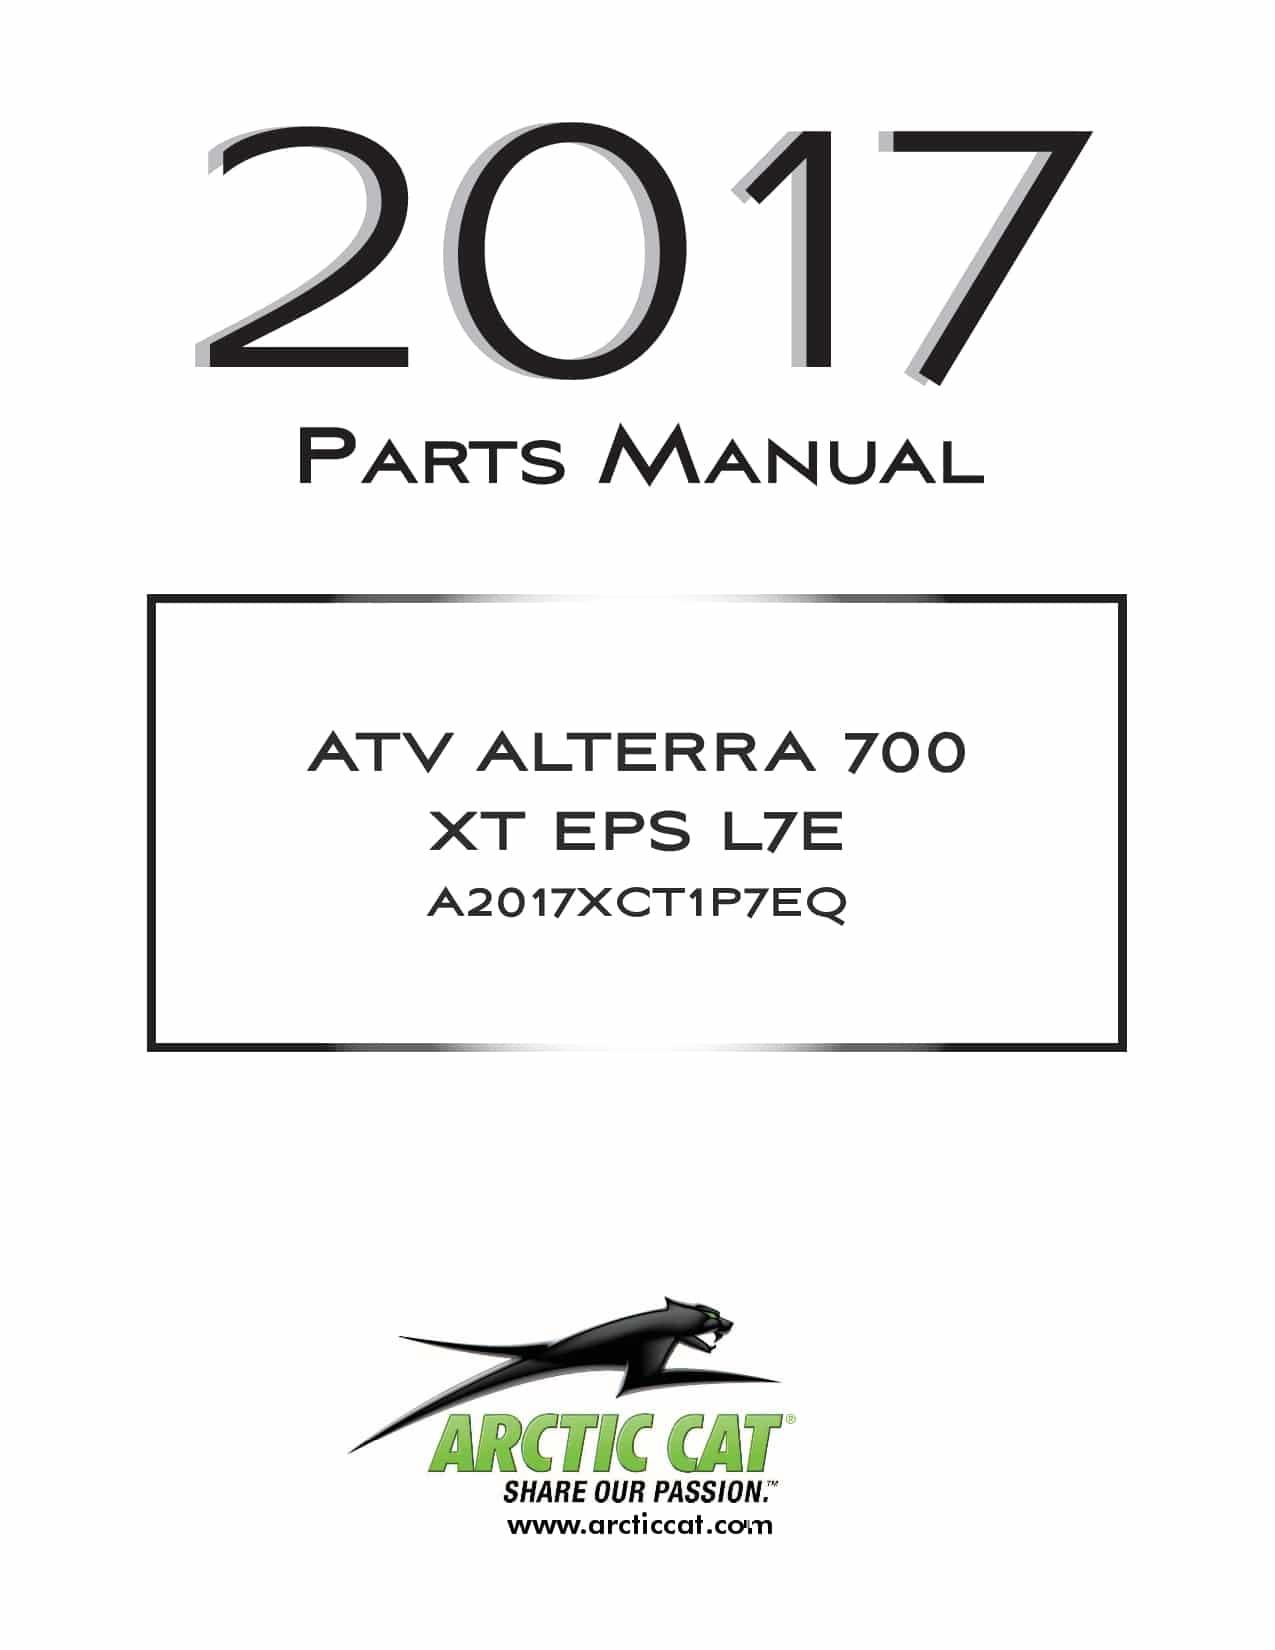 ARCTIC CAT 2017 Alterra 700 XT EPS L7e black part manual